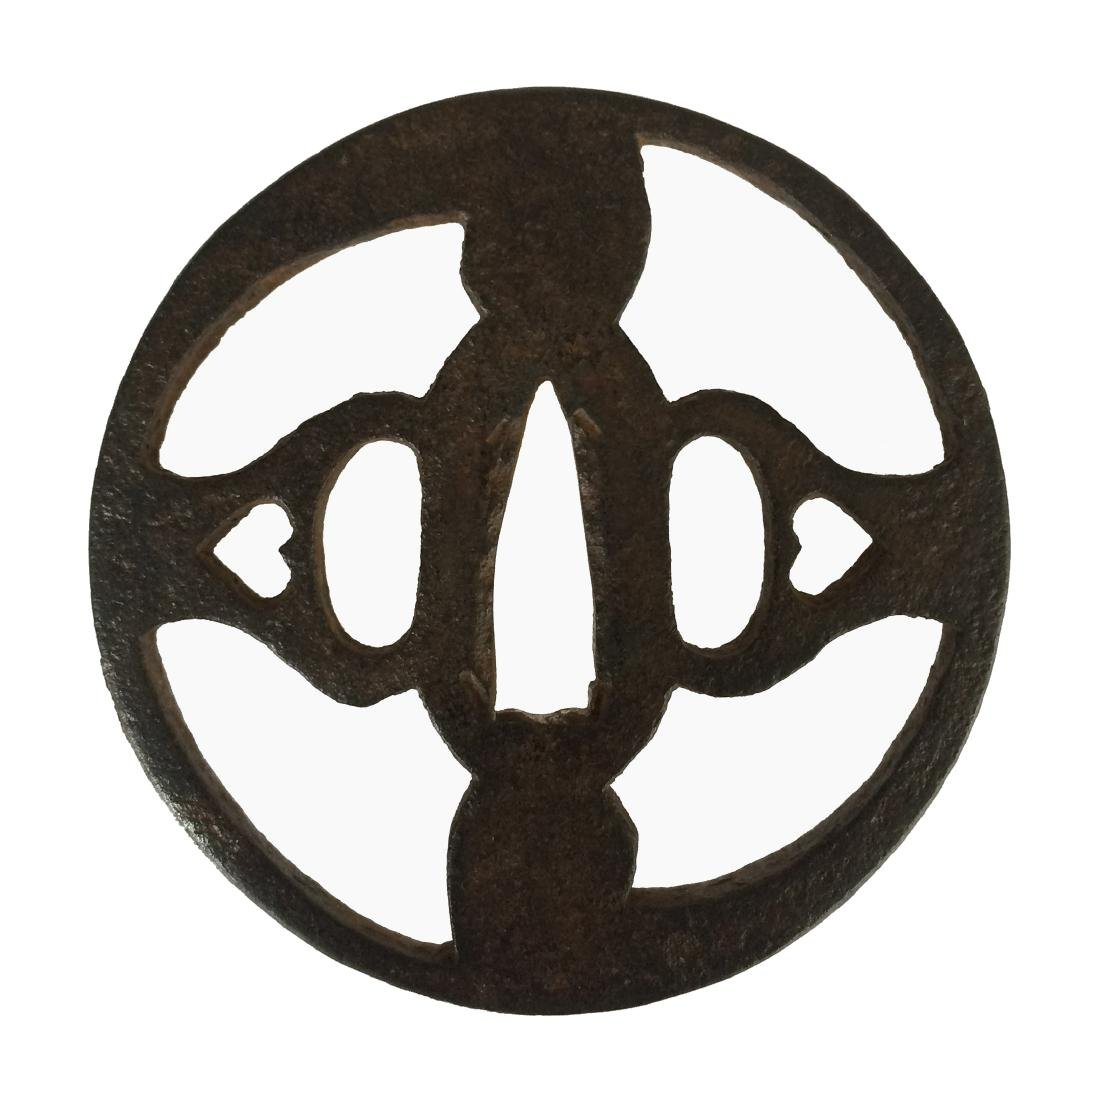 Iron sukashi tsuba with tomoe motif